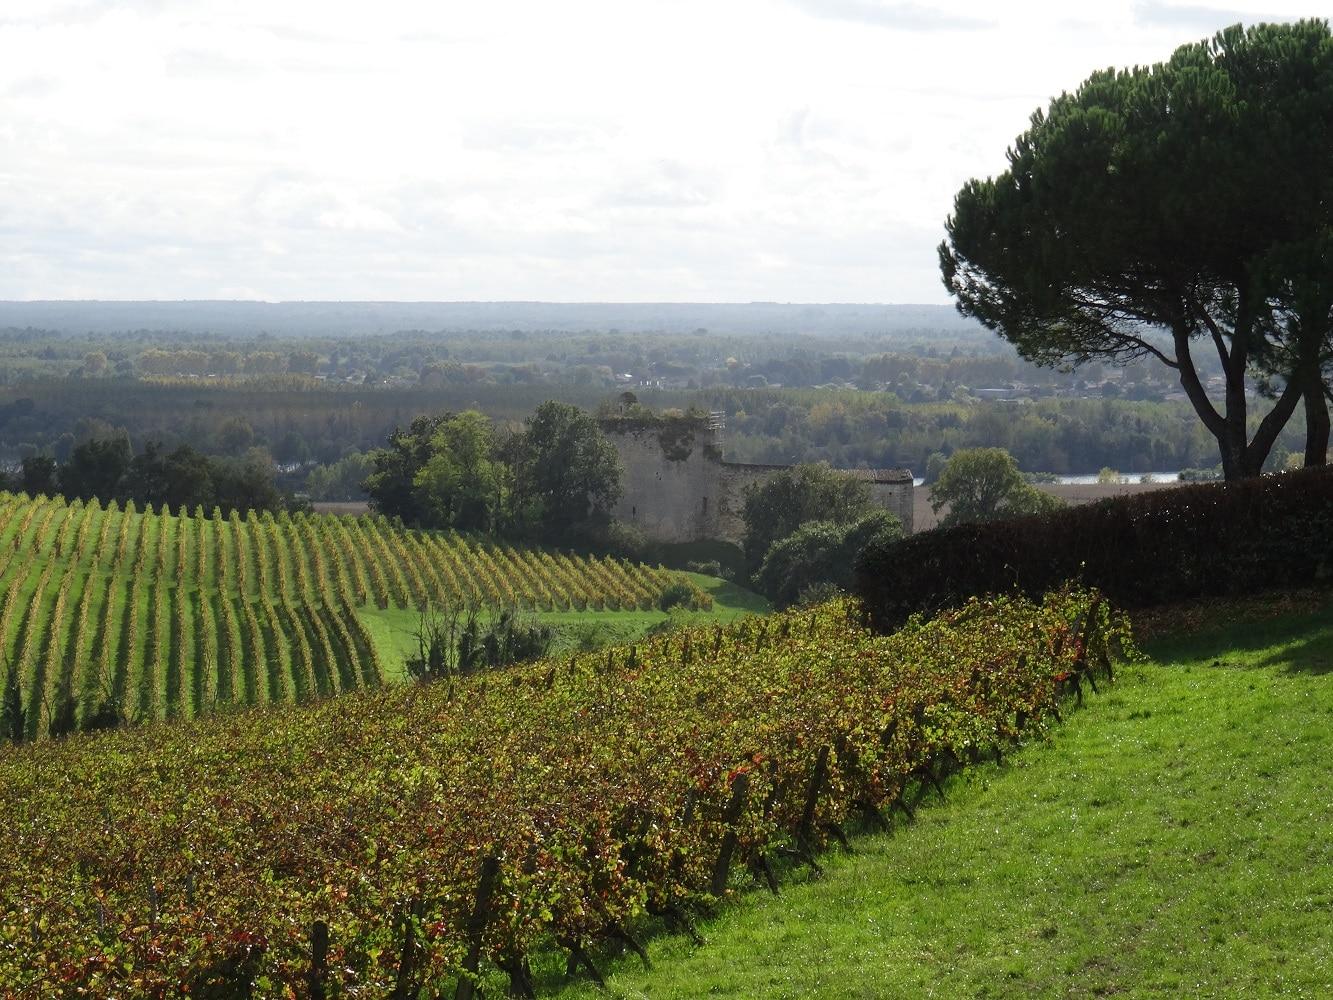 Vue sur la vallée de la Garonne depuis les coteaux de Langoiran